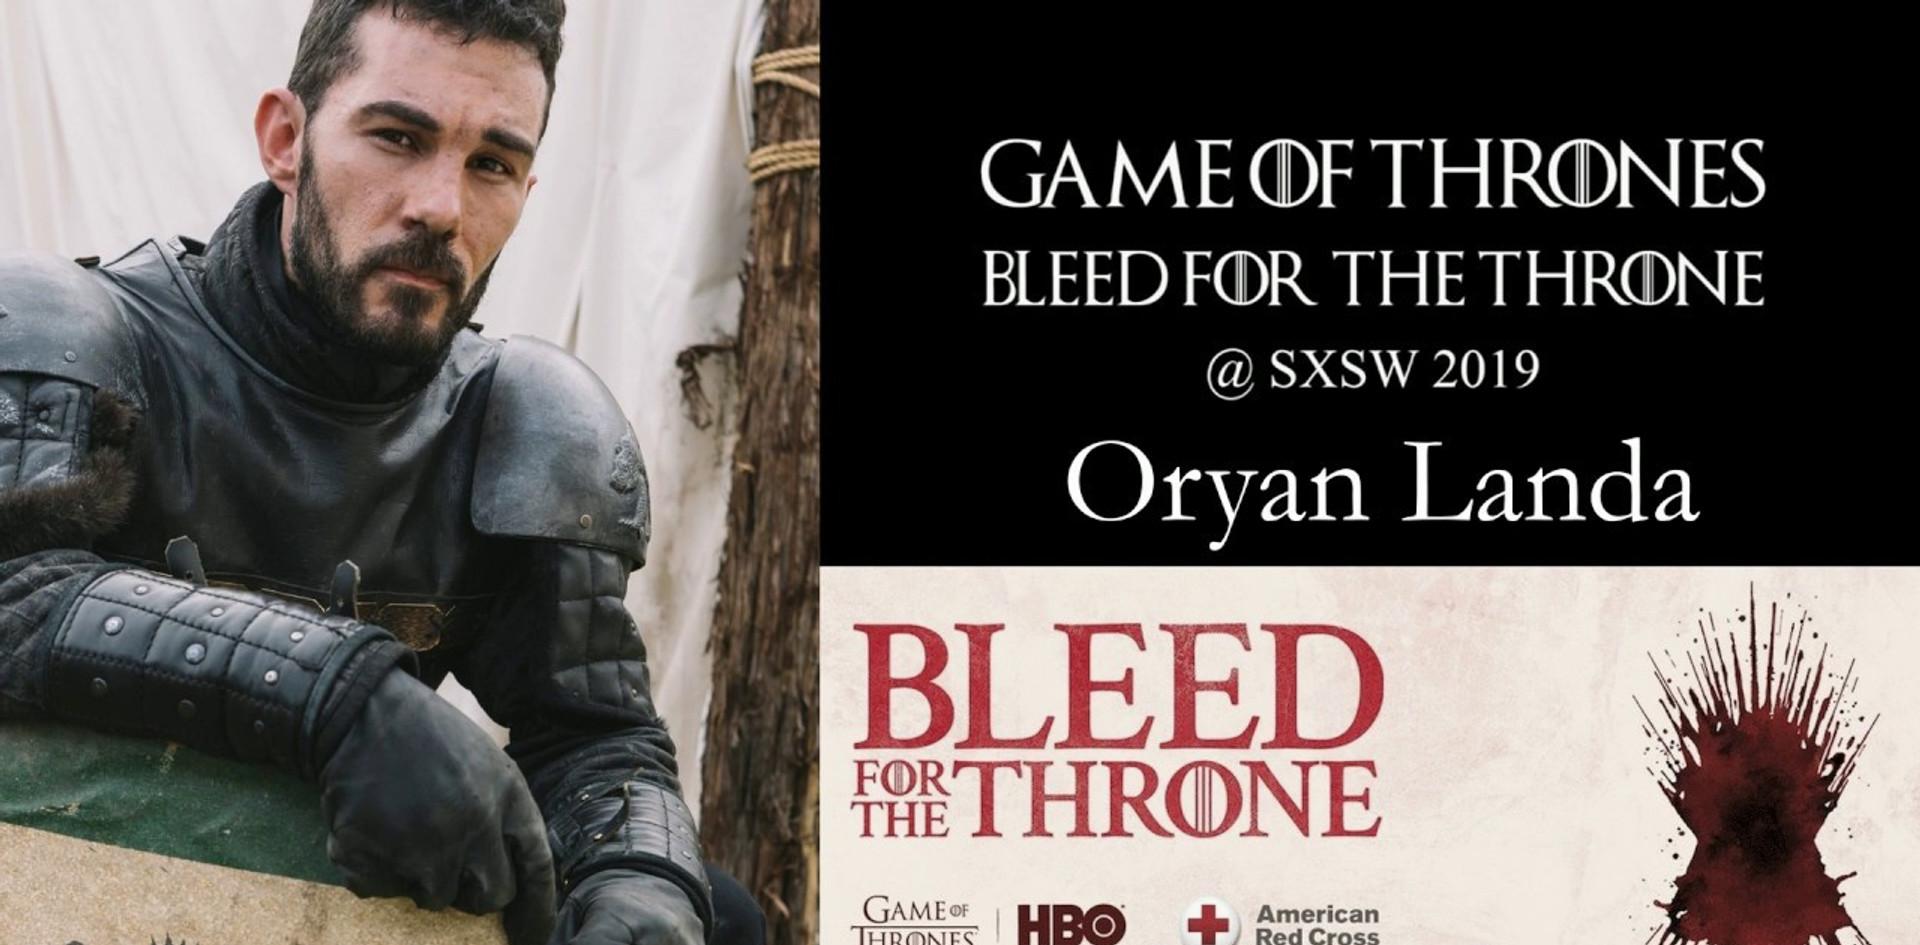 Oryan Landa - Game of Thrones SXSW